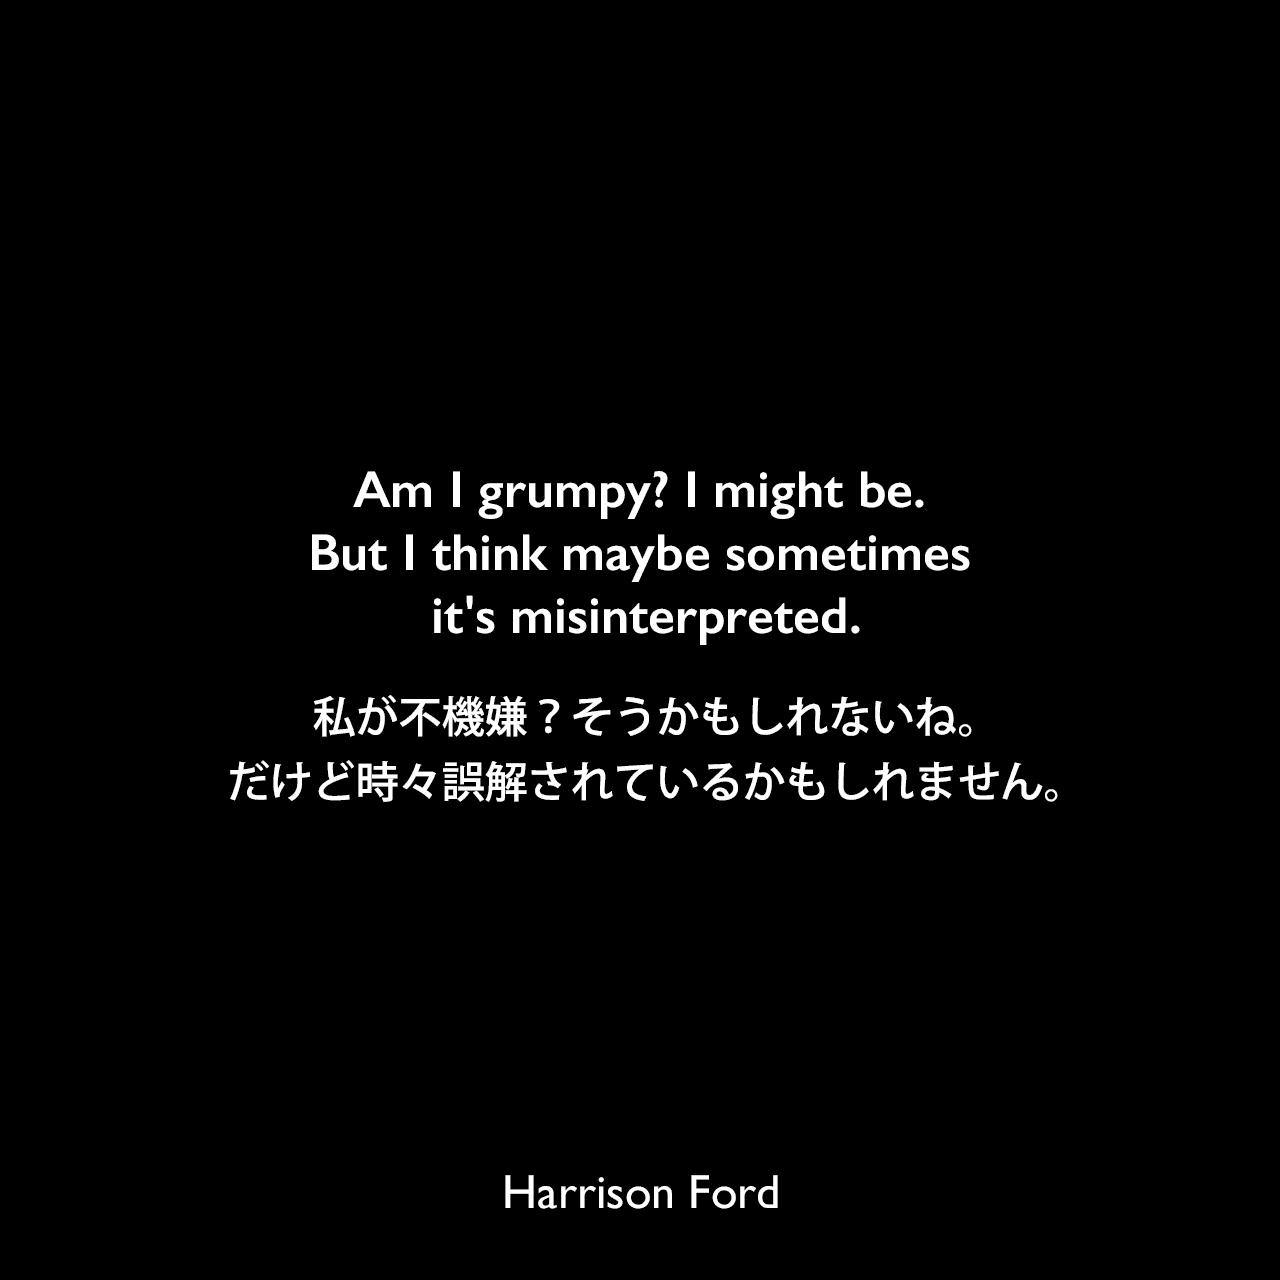 Am I grumpy? I might be. But I think maybe sometimes it's misinterpreted.私が不機嫌?そうかもしれないね。だけど時々誤解されているかもしれません。Harrison Ford